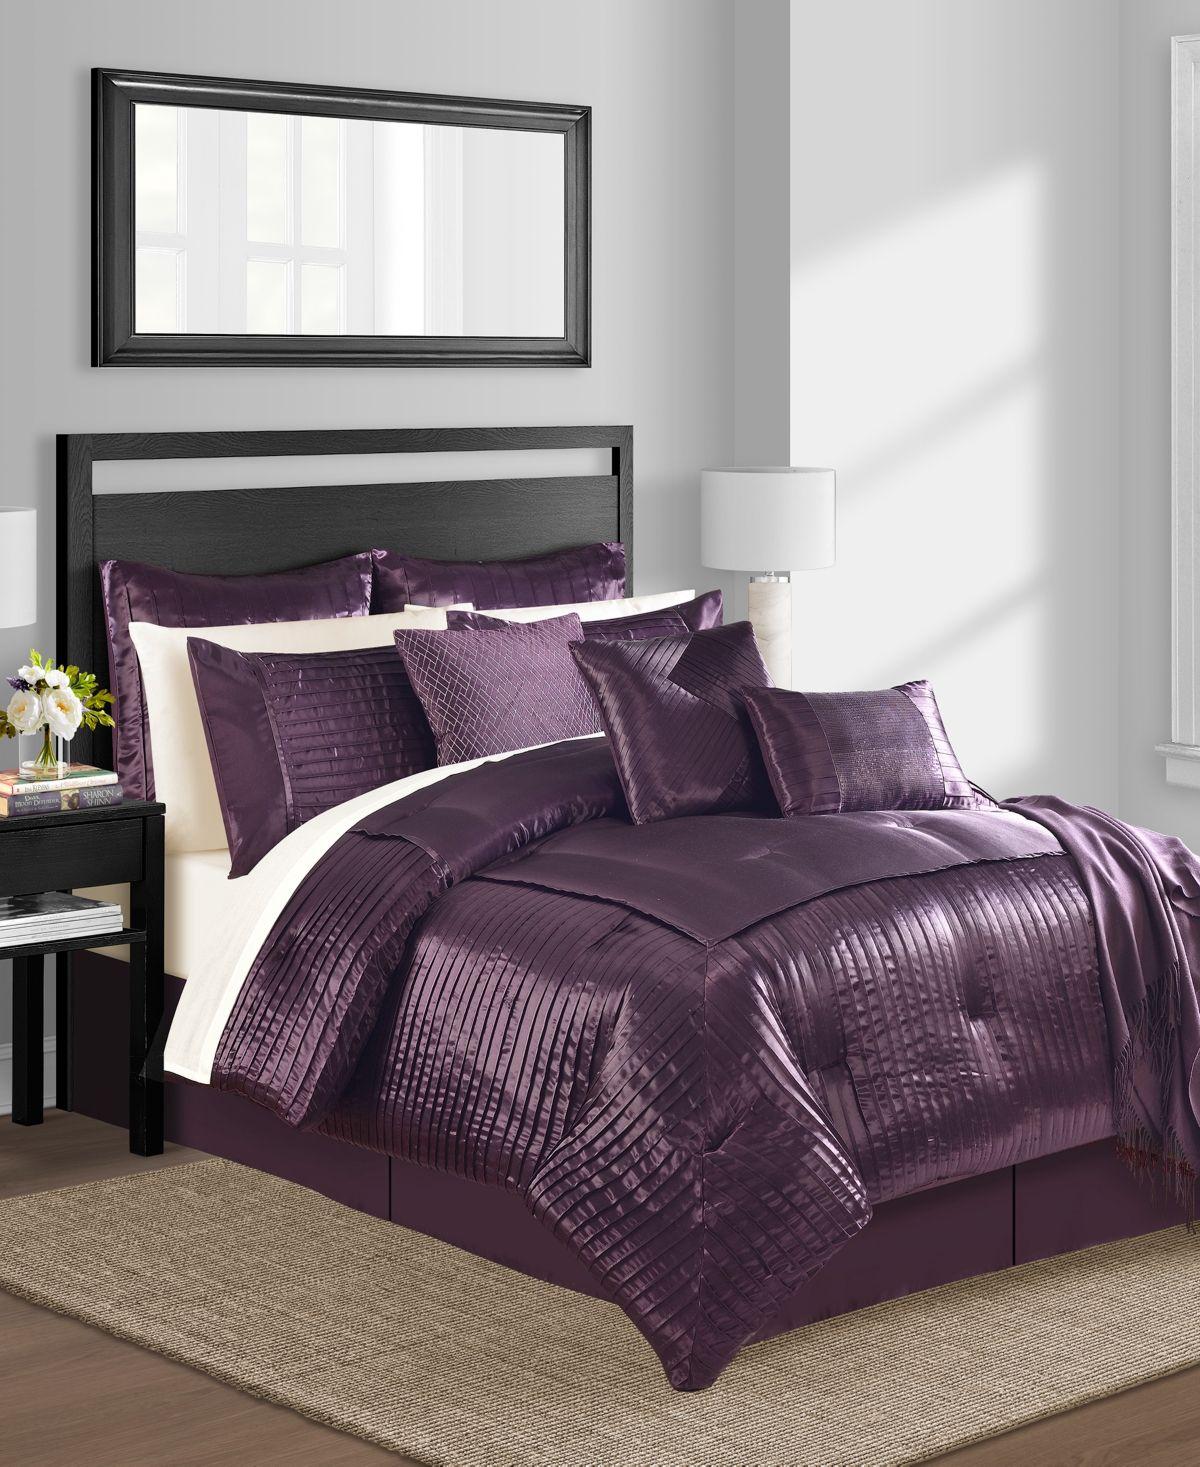 Sunham Dalton 14 Pc California King Comforter Set Reviews Comforter Sets Bed Bath Macy S Comforter Sets King Comforter Sets Plum Comforter Set Purple california king comforter sets